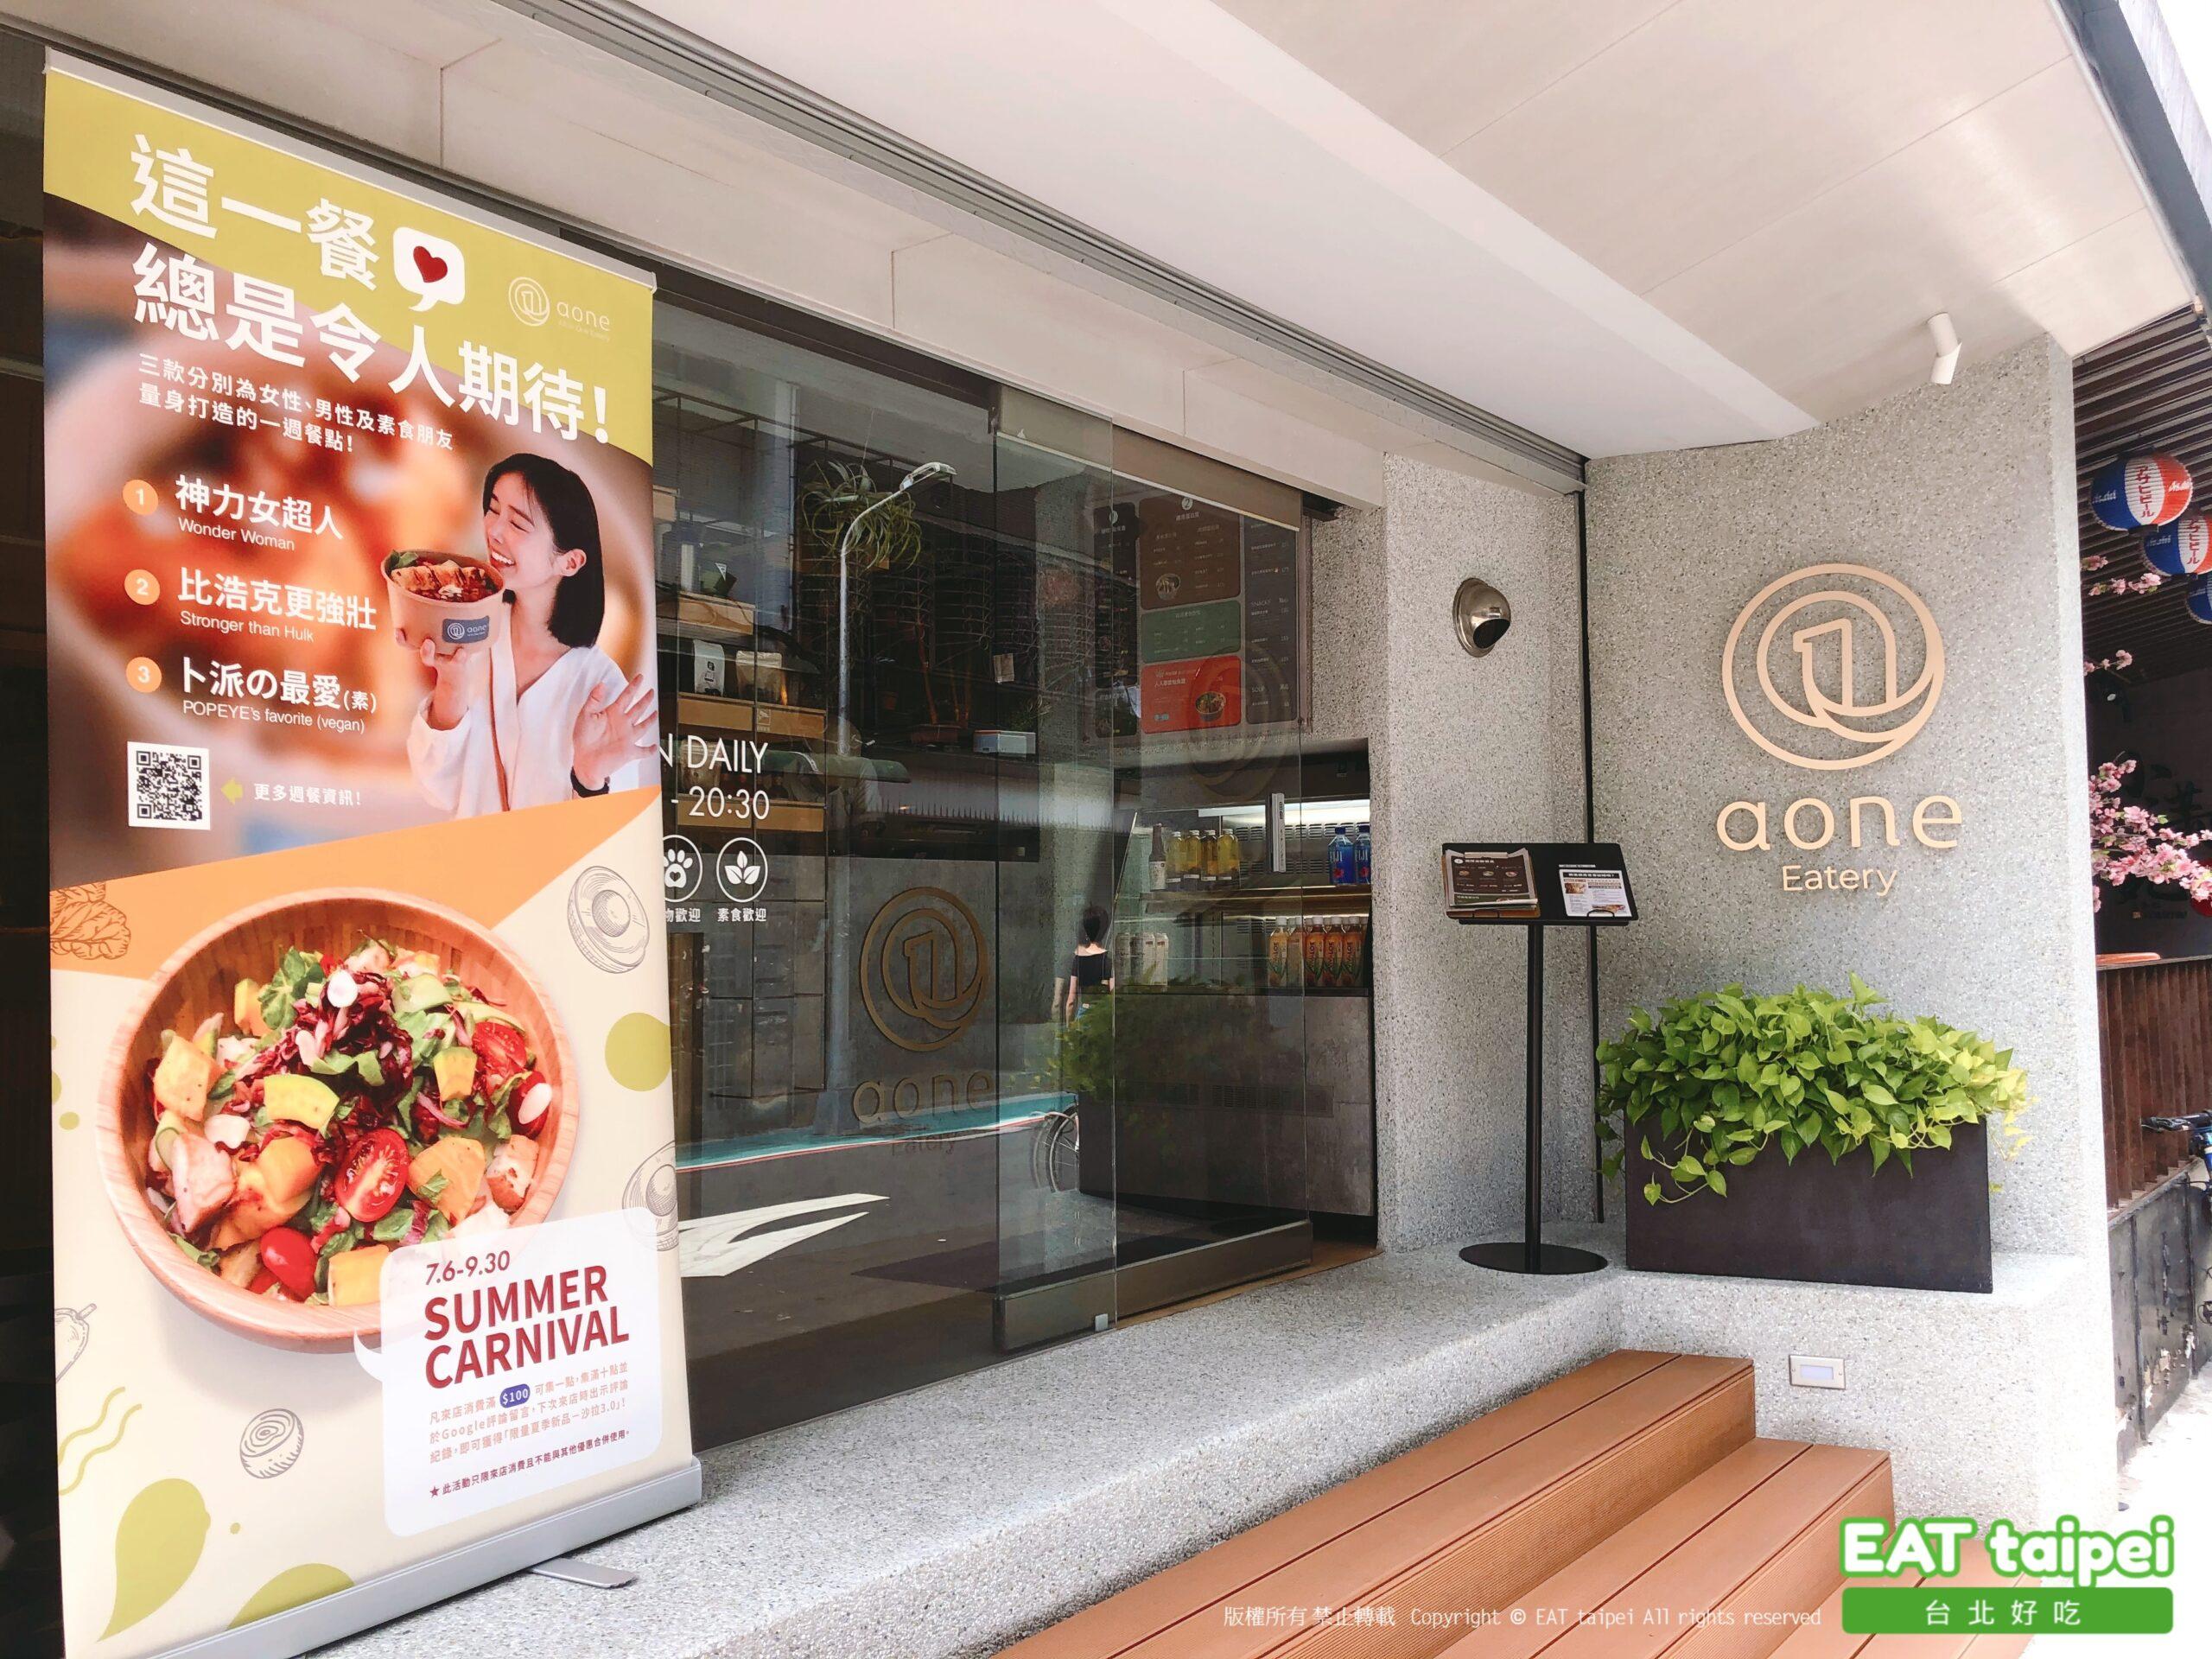 aone Eatery